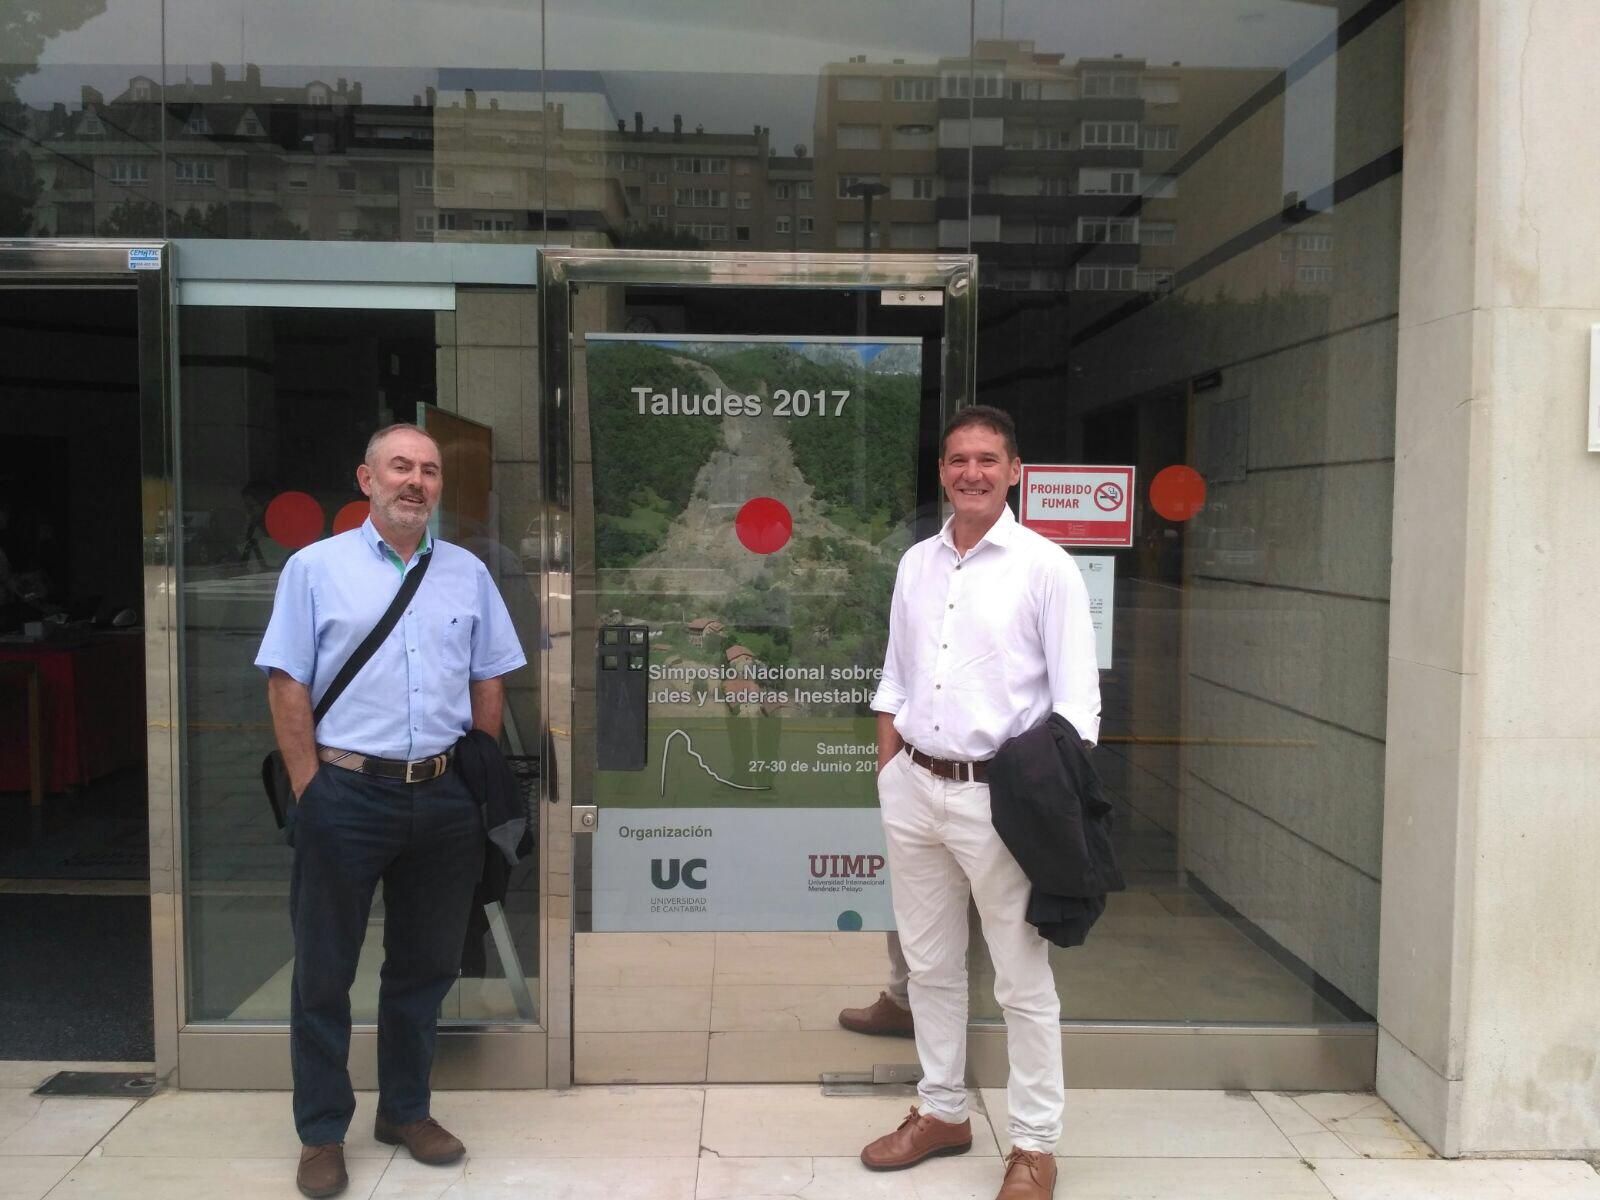 Los socios de @CTAConsultores ya están en #Santander. Comienza el congreso de #taludes17. Muchas ganas y mucha ilusión! https://t.co/ZjkcVi2I84